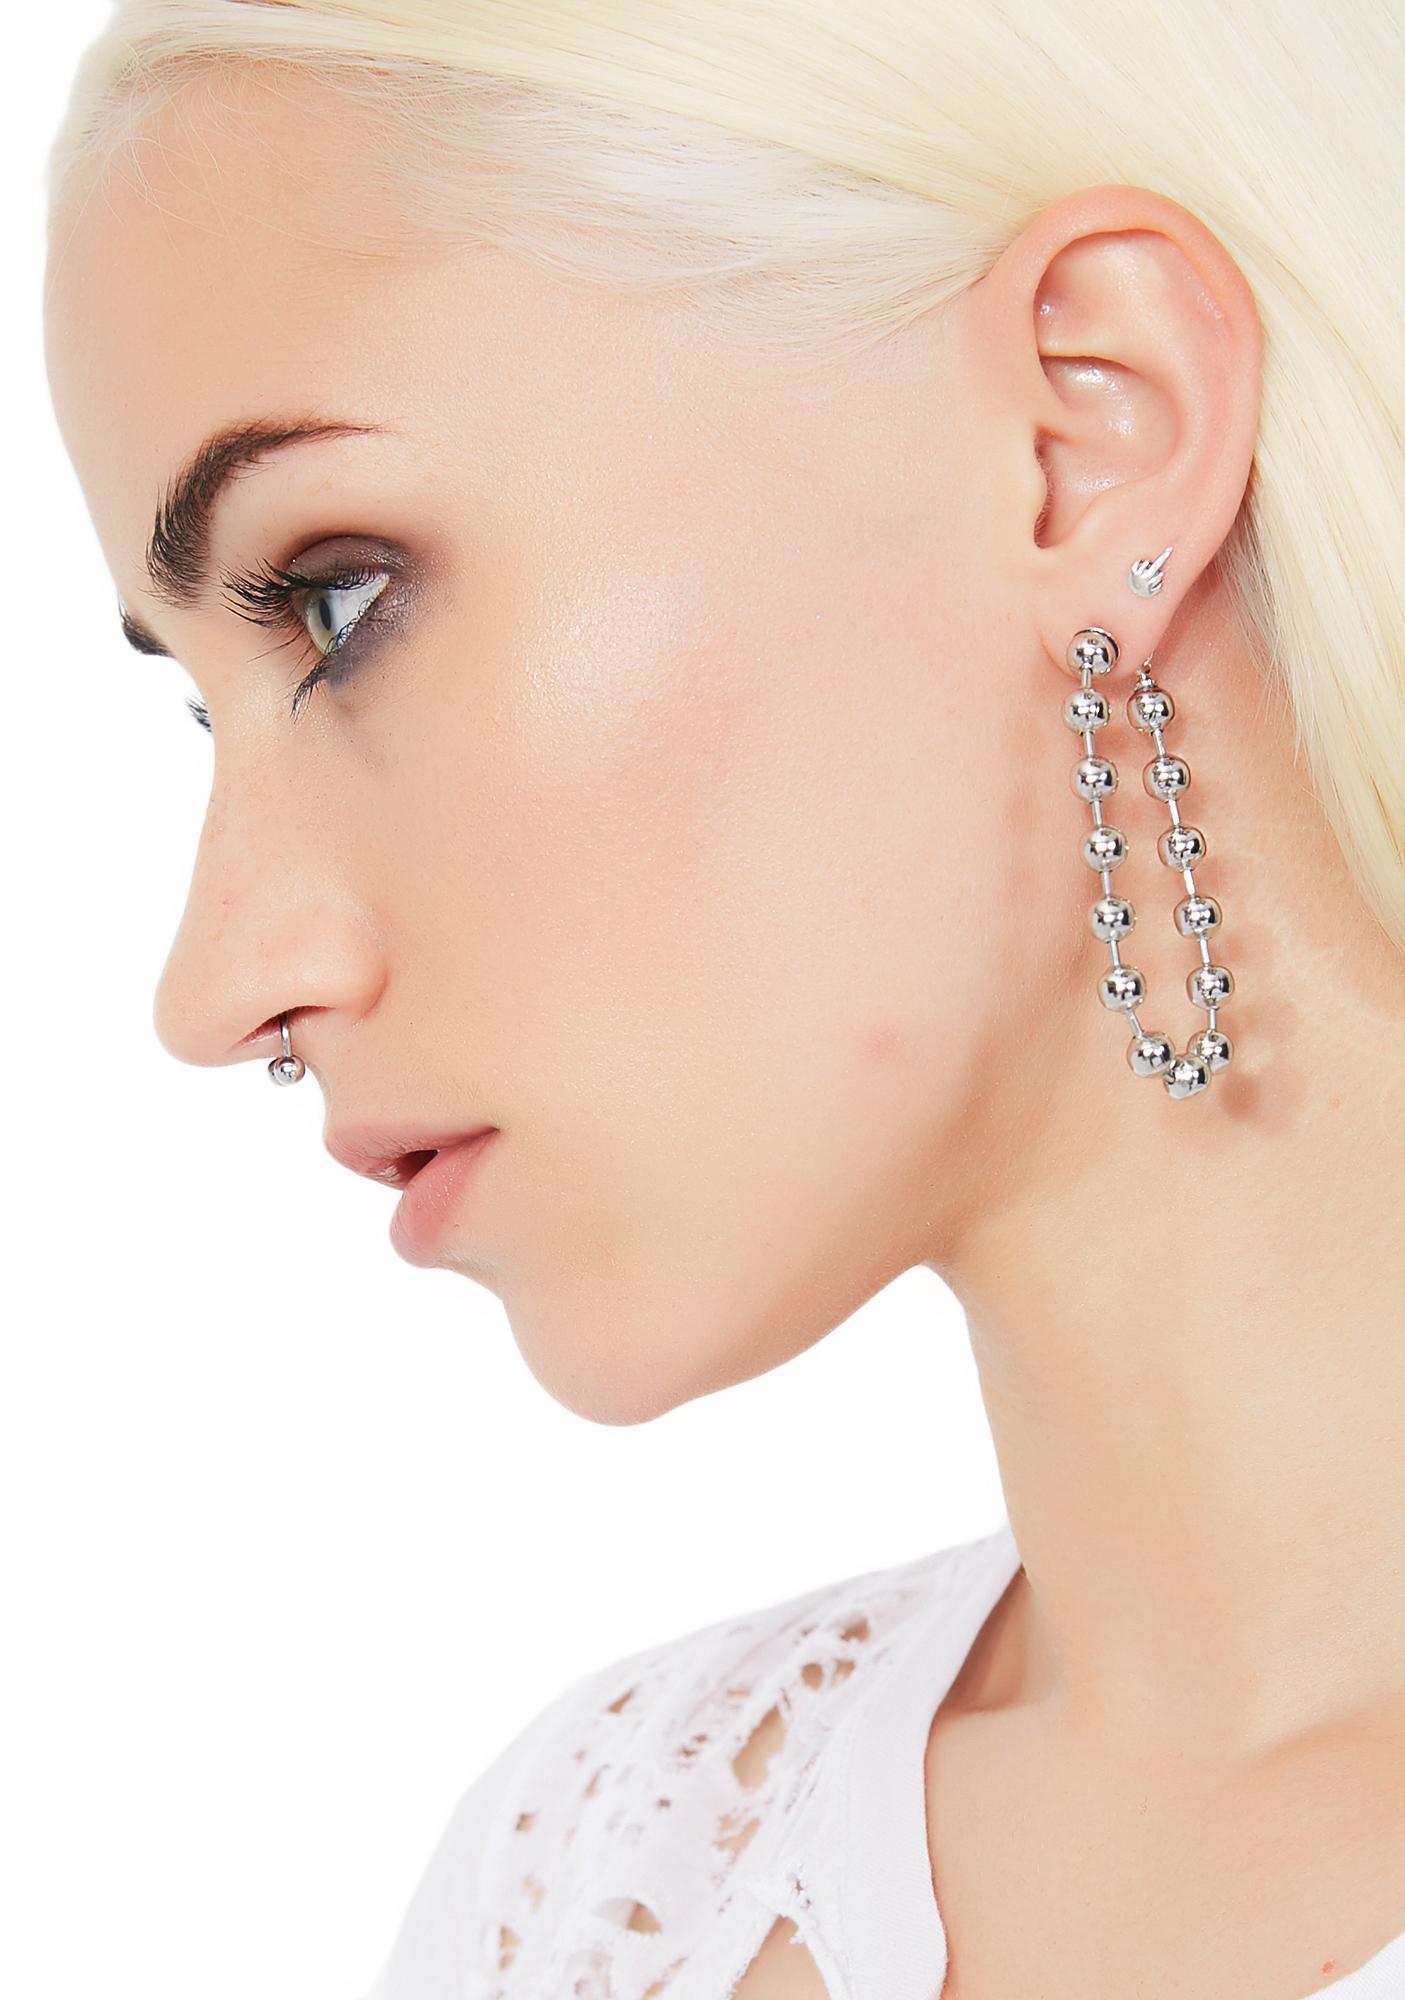 Ballin' Chain Earrings